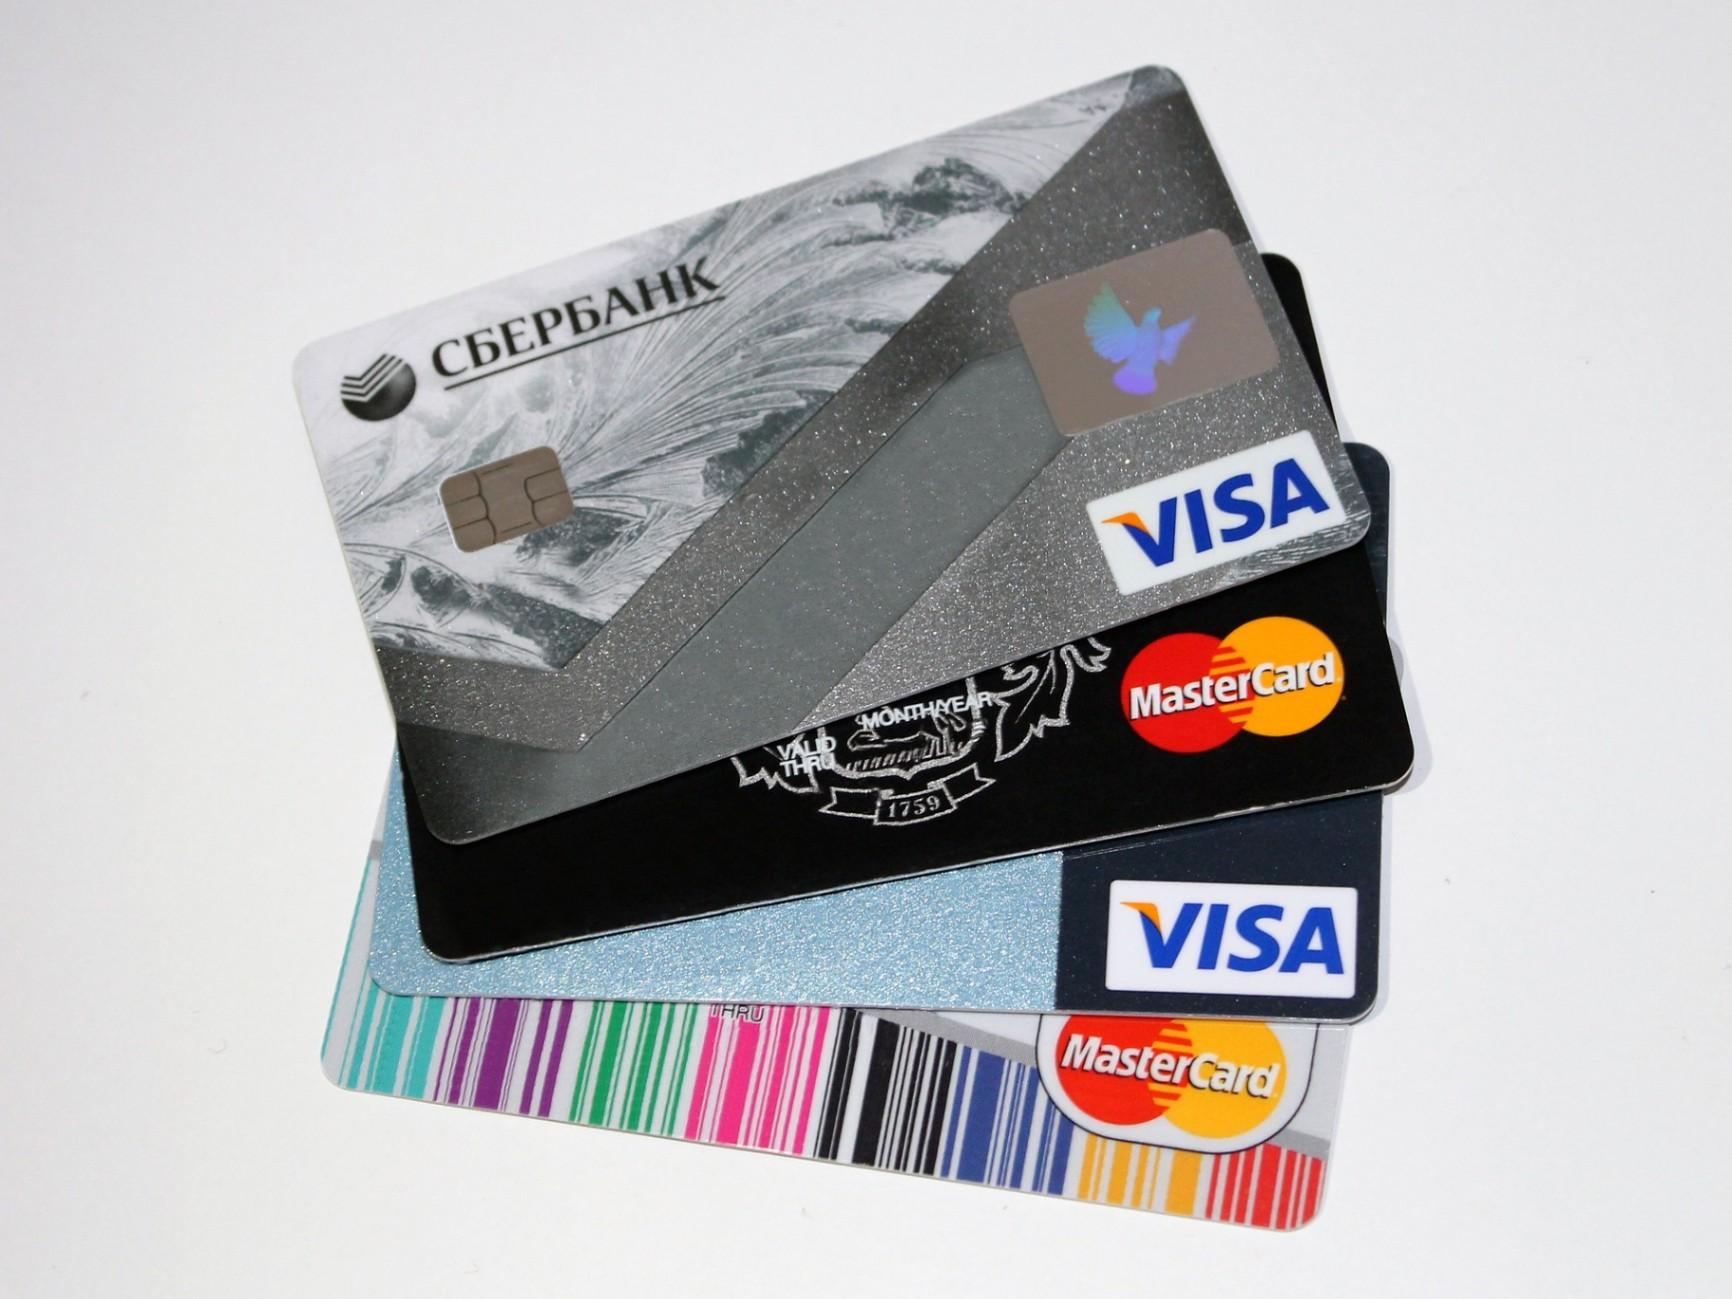 Envoyer et Recevoir de L'argent de N'importe Où dans le Monde avec la Carte Neteller - Apprenez Comment